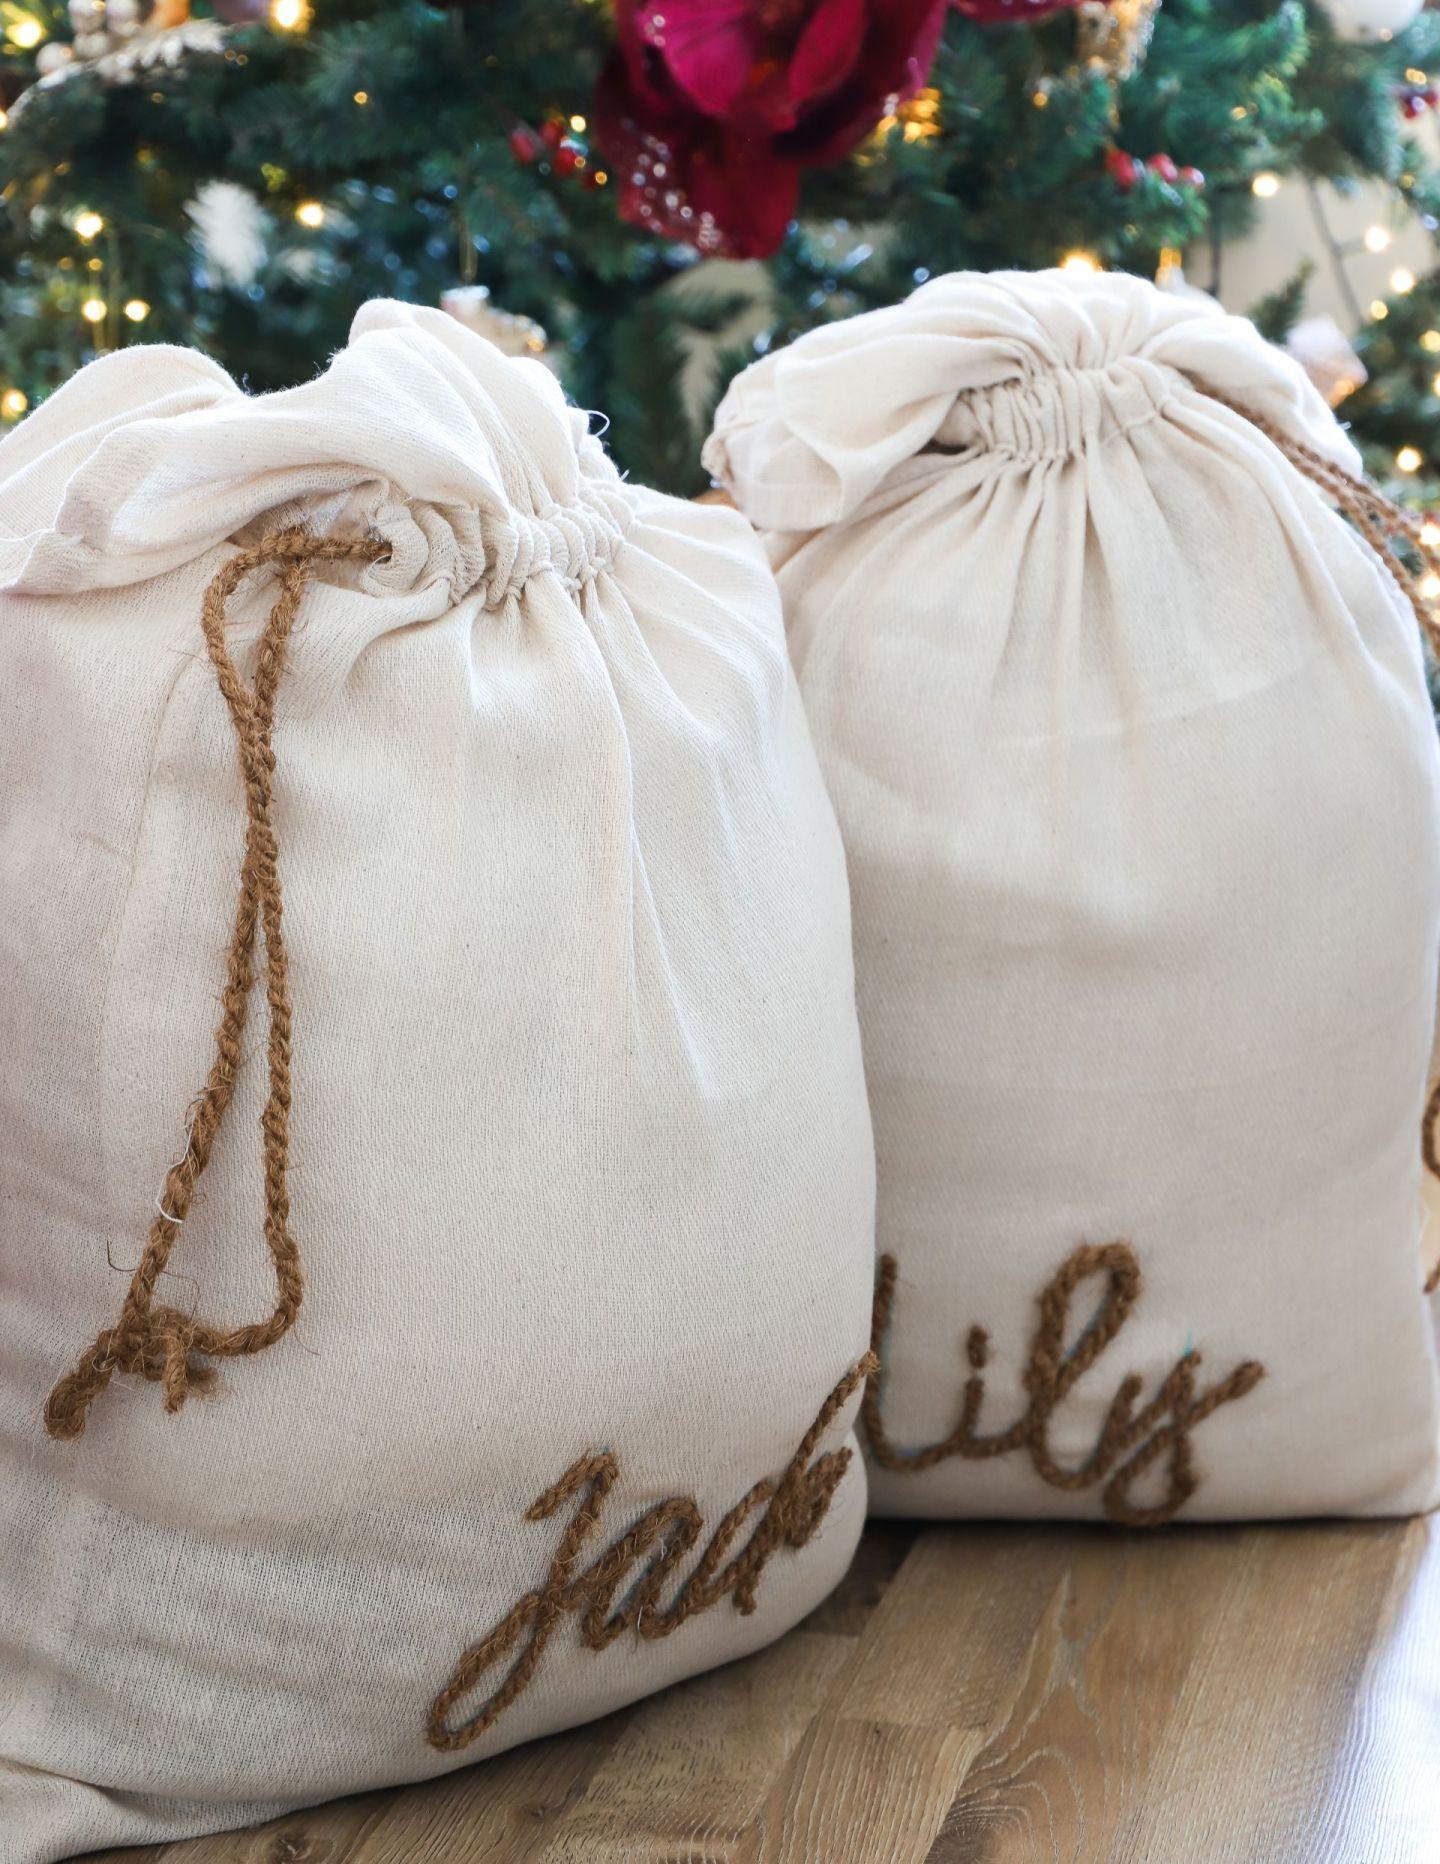 DIY Personalised santa sacks